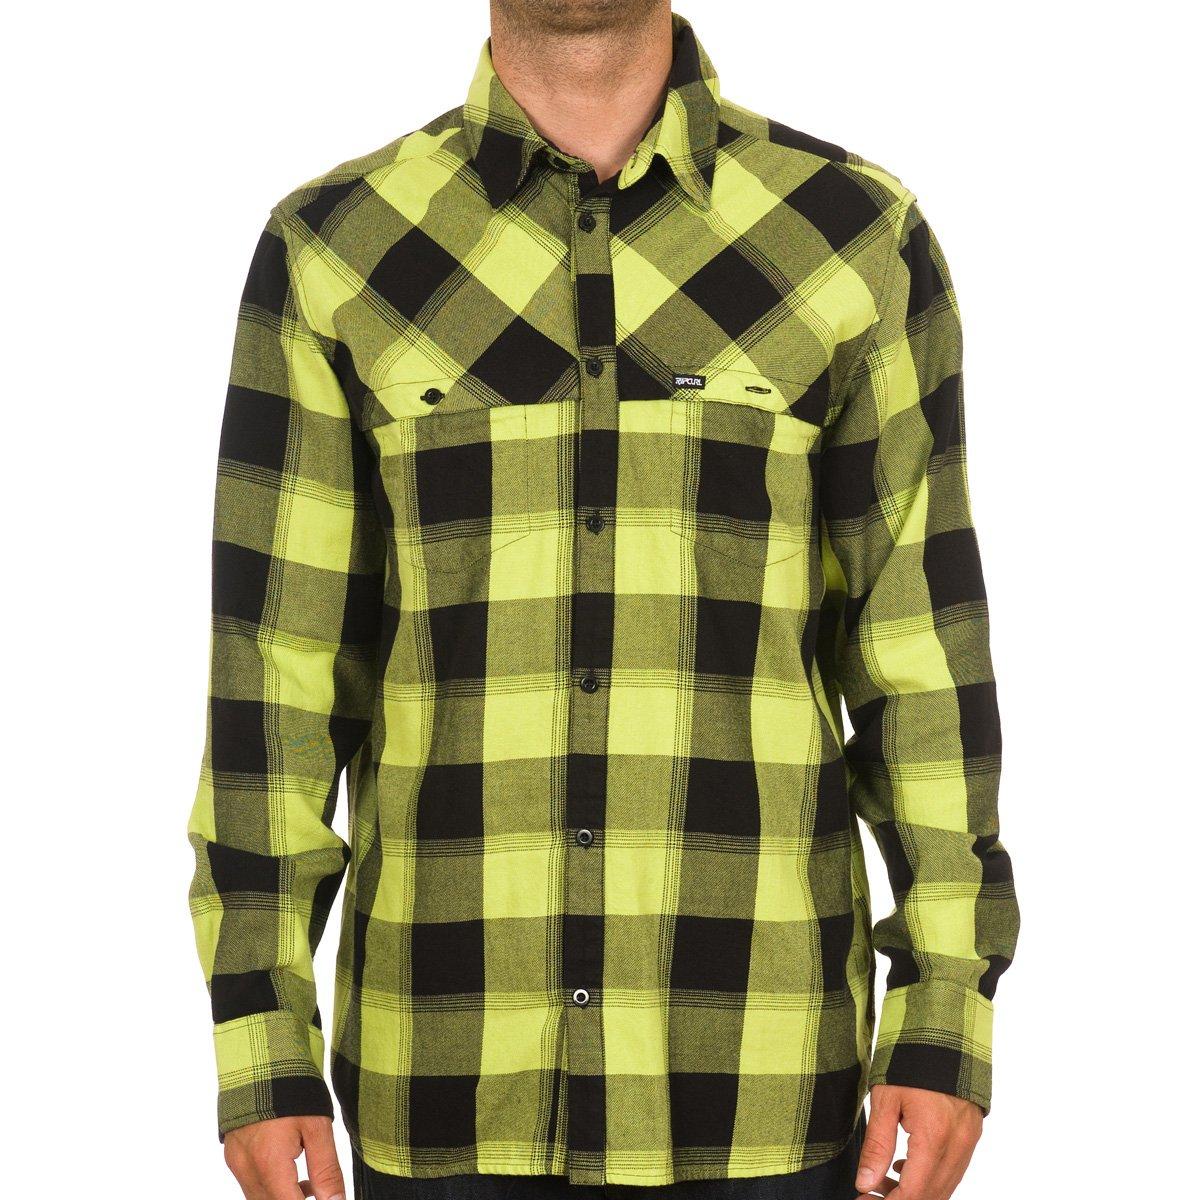 RIP CURL Hombre Camisa Buffalo Check Camiseta LS, Hombre, Tender Shoots: Amazon.es: Deportes y aire libre